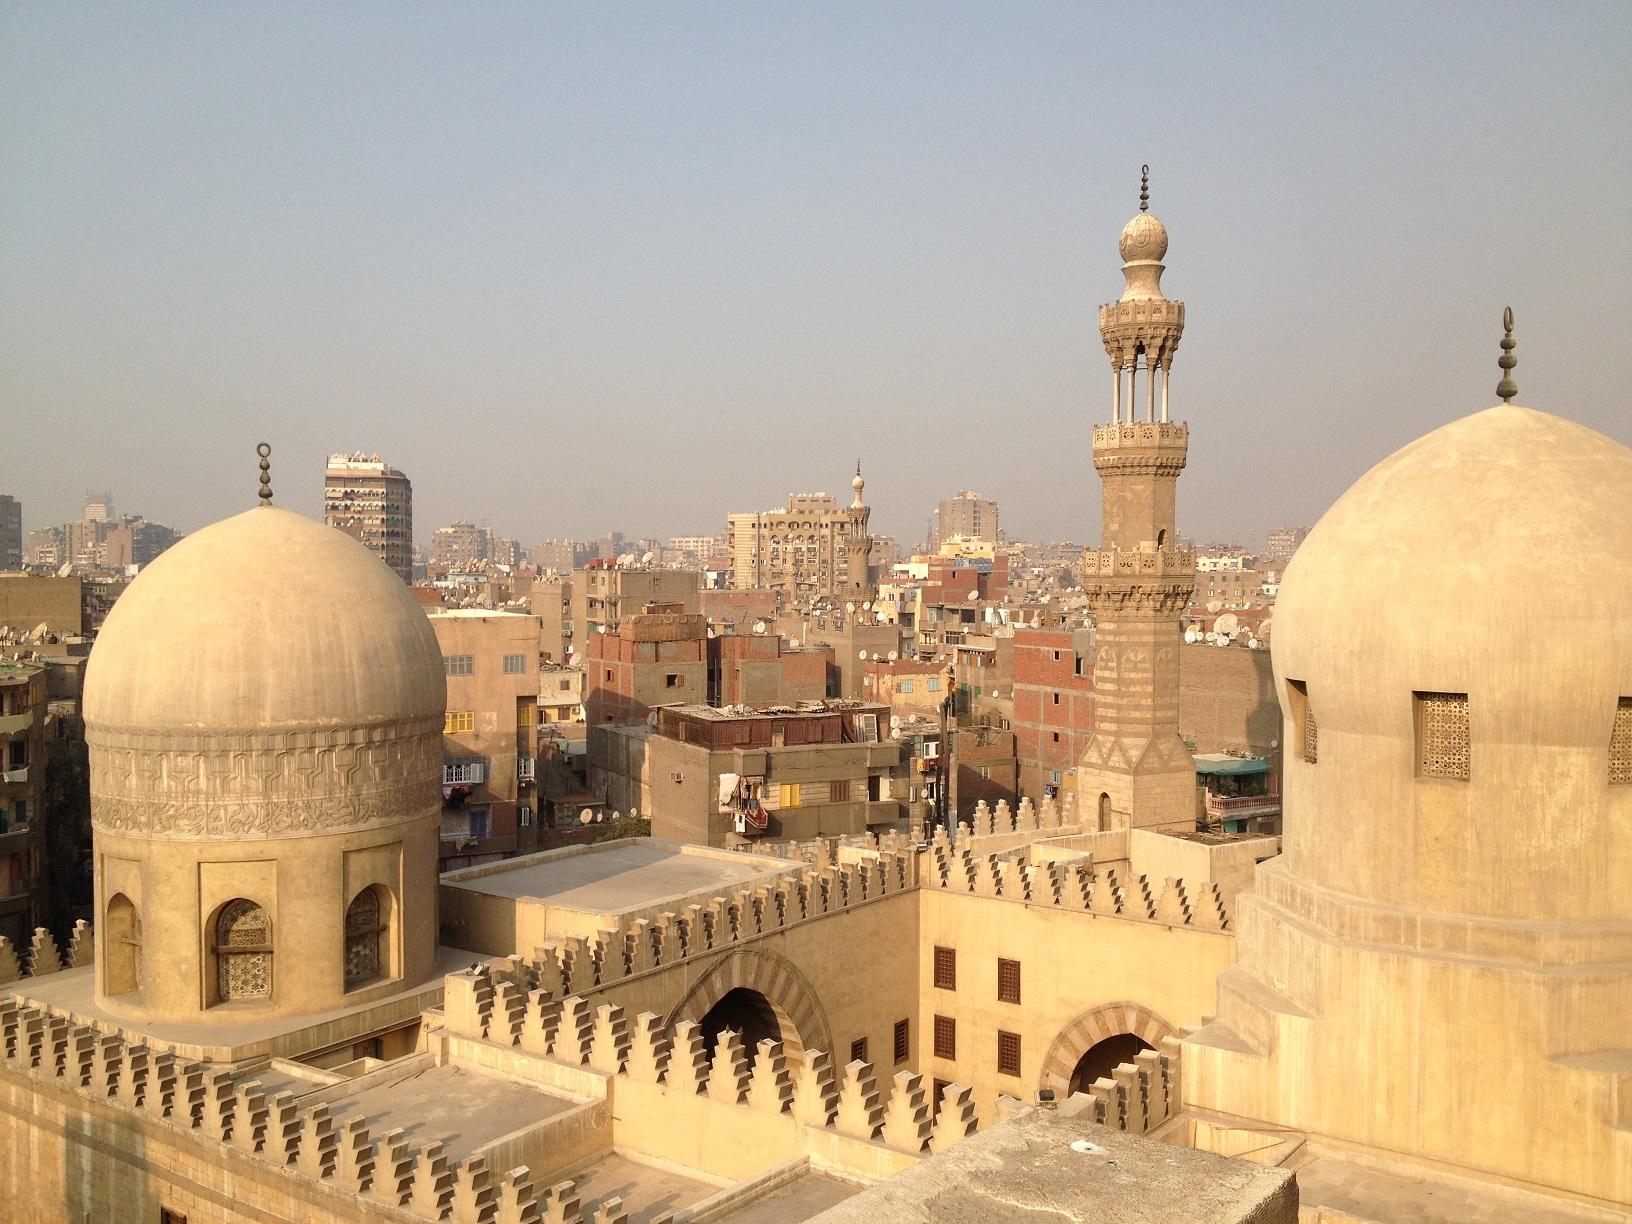 Moskeija ja kaupunki taustalla